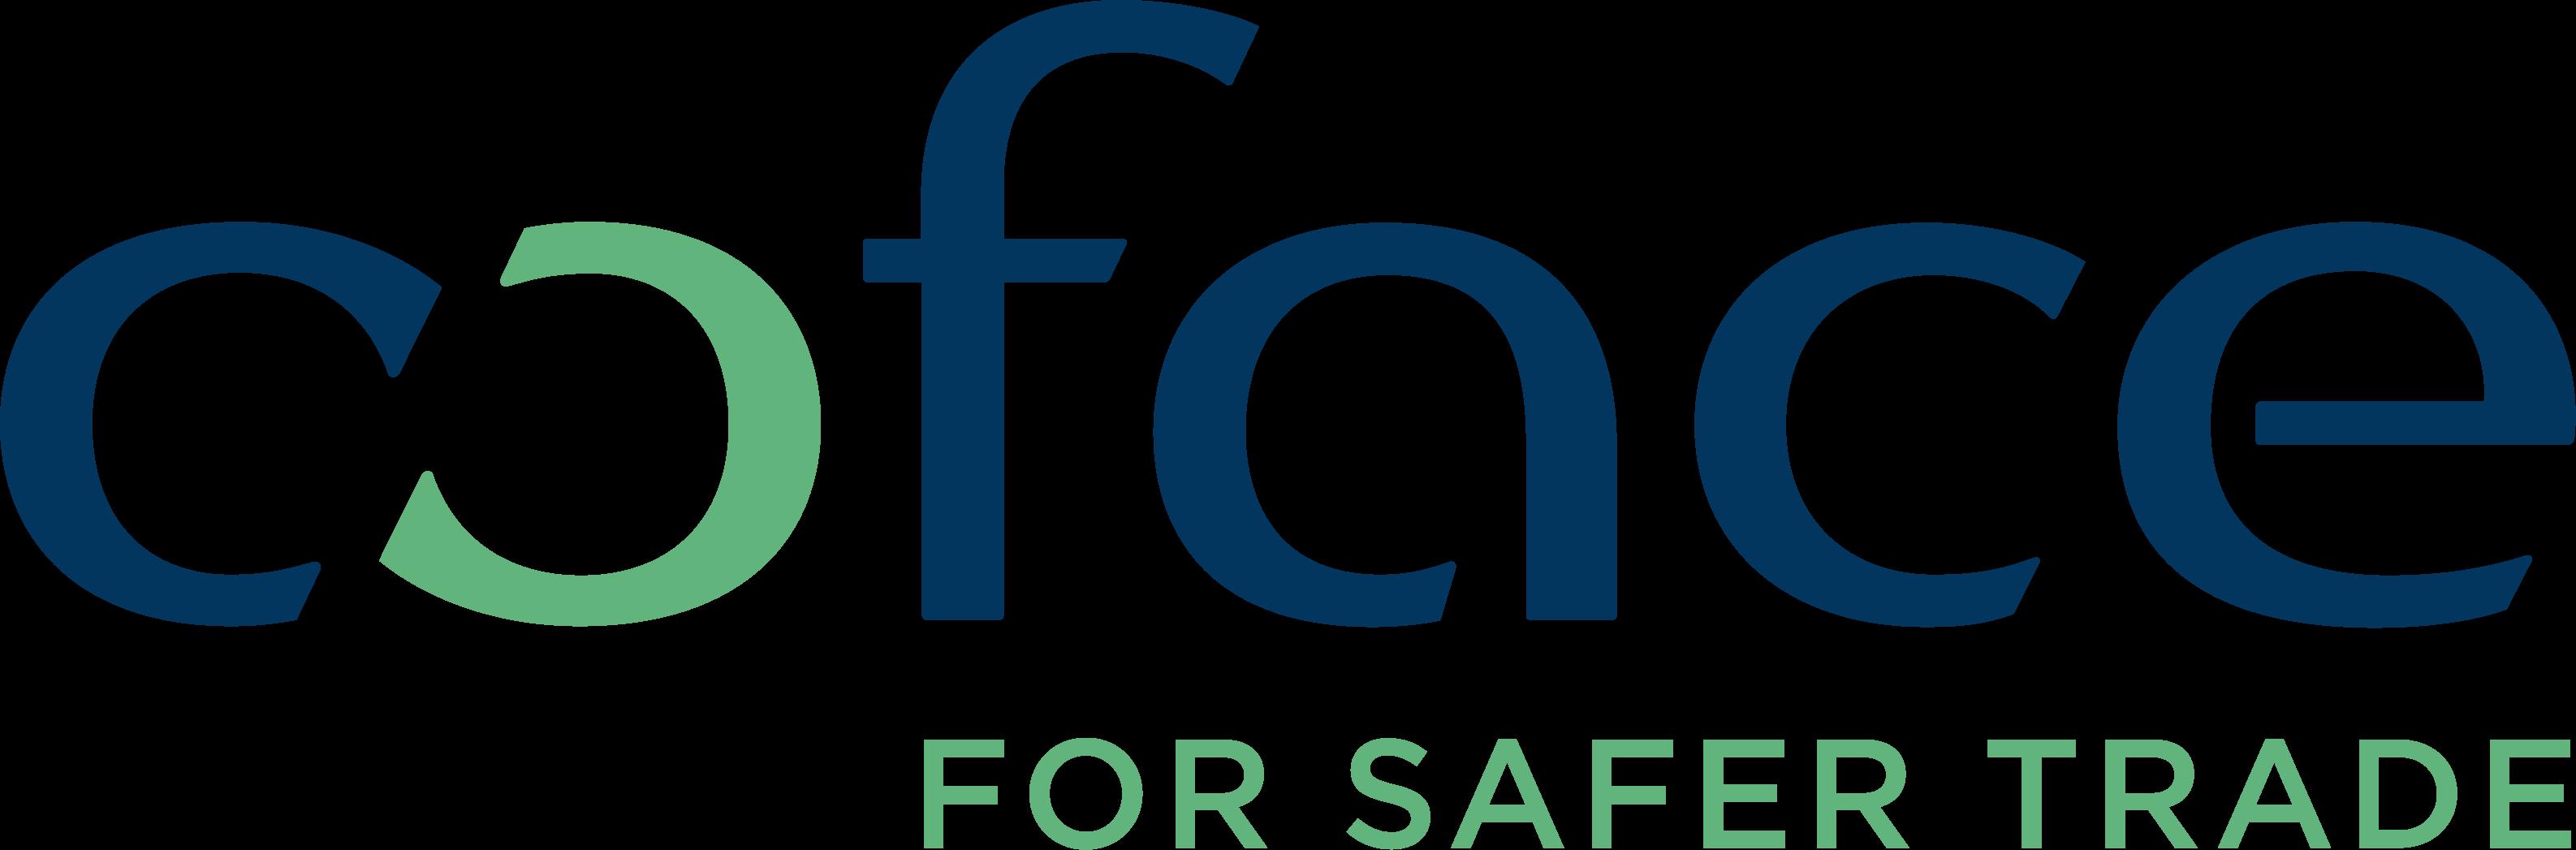 Coface logo For Safer Trade